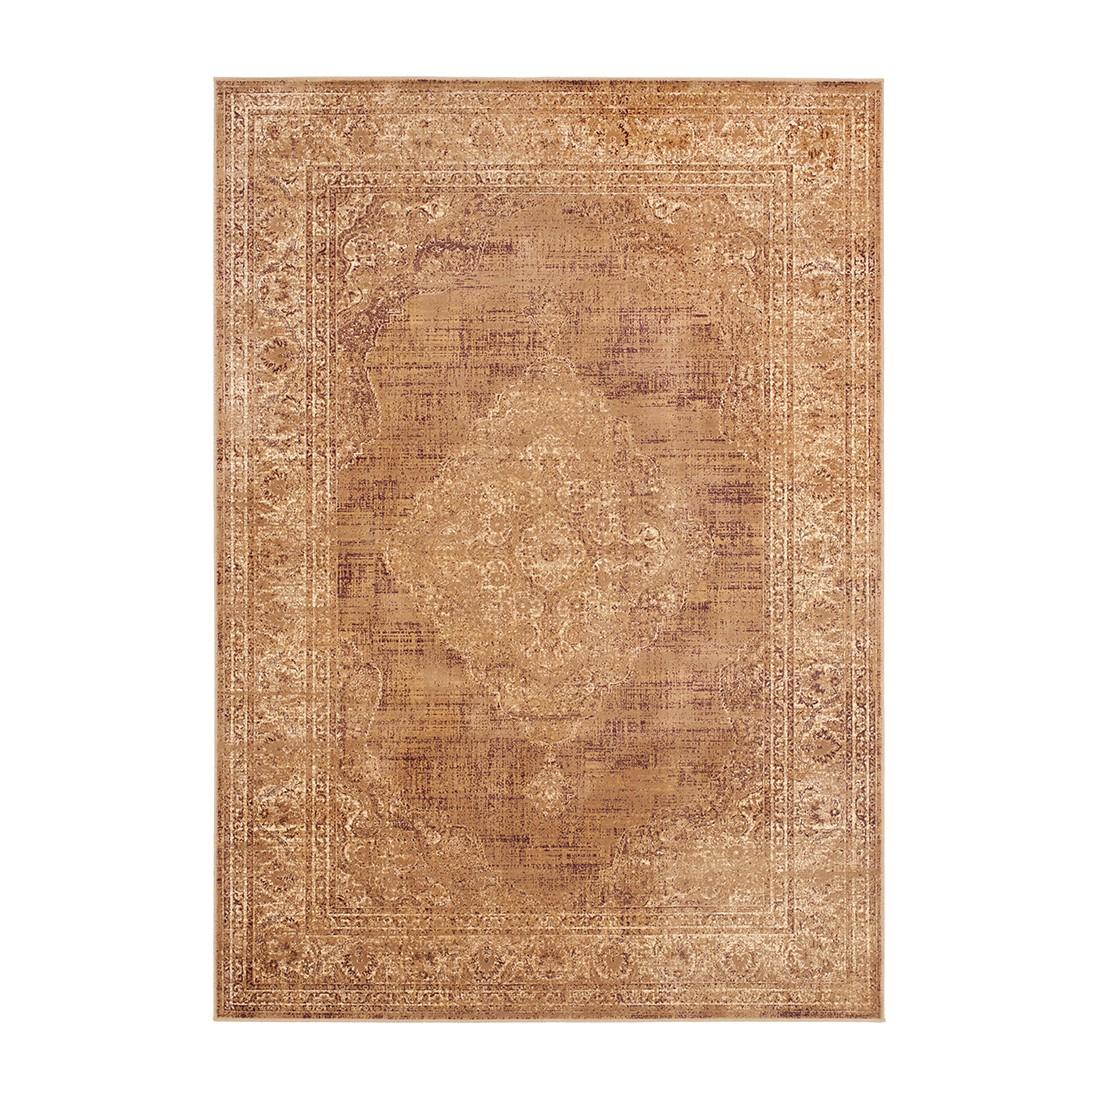 Teppich Olivia – Vintagelook Beige – 122 x 171 cm, Safavieh jetzt bestellen